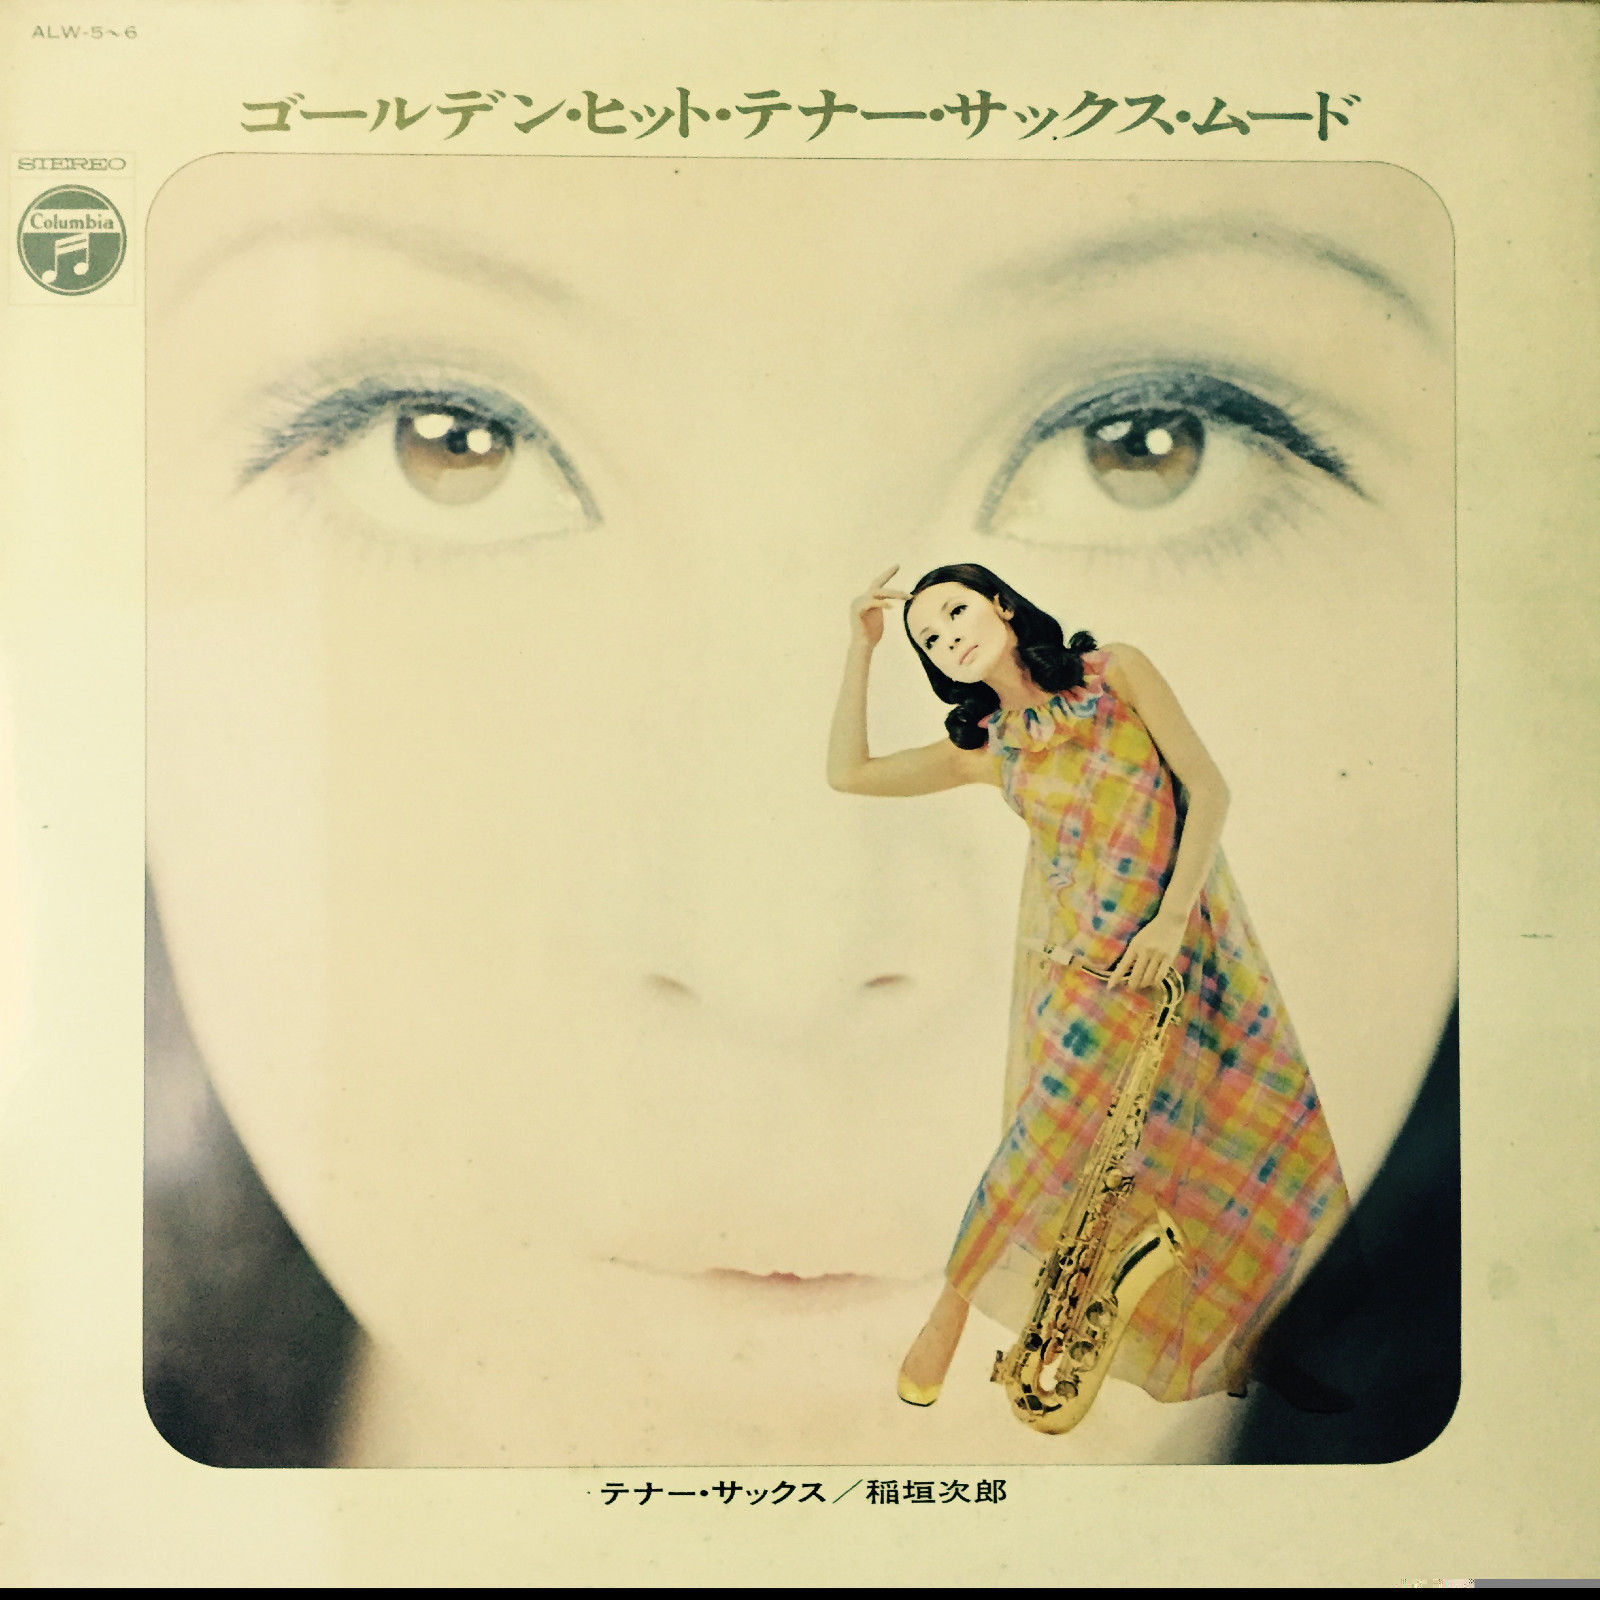 JIRO INAGAKI - Golden Hit Tenor Sax Mood - ゴールデン・ヒット・テナー・サックス・ムード cover